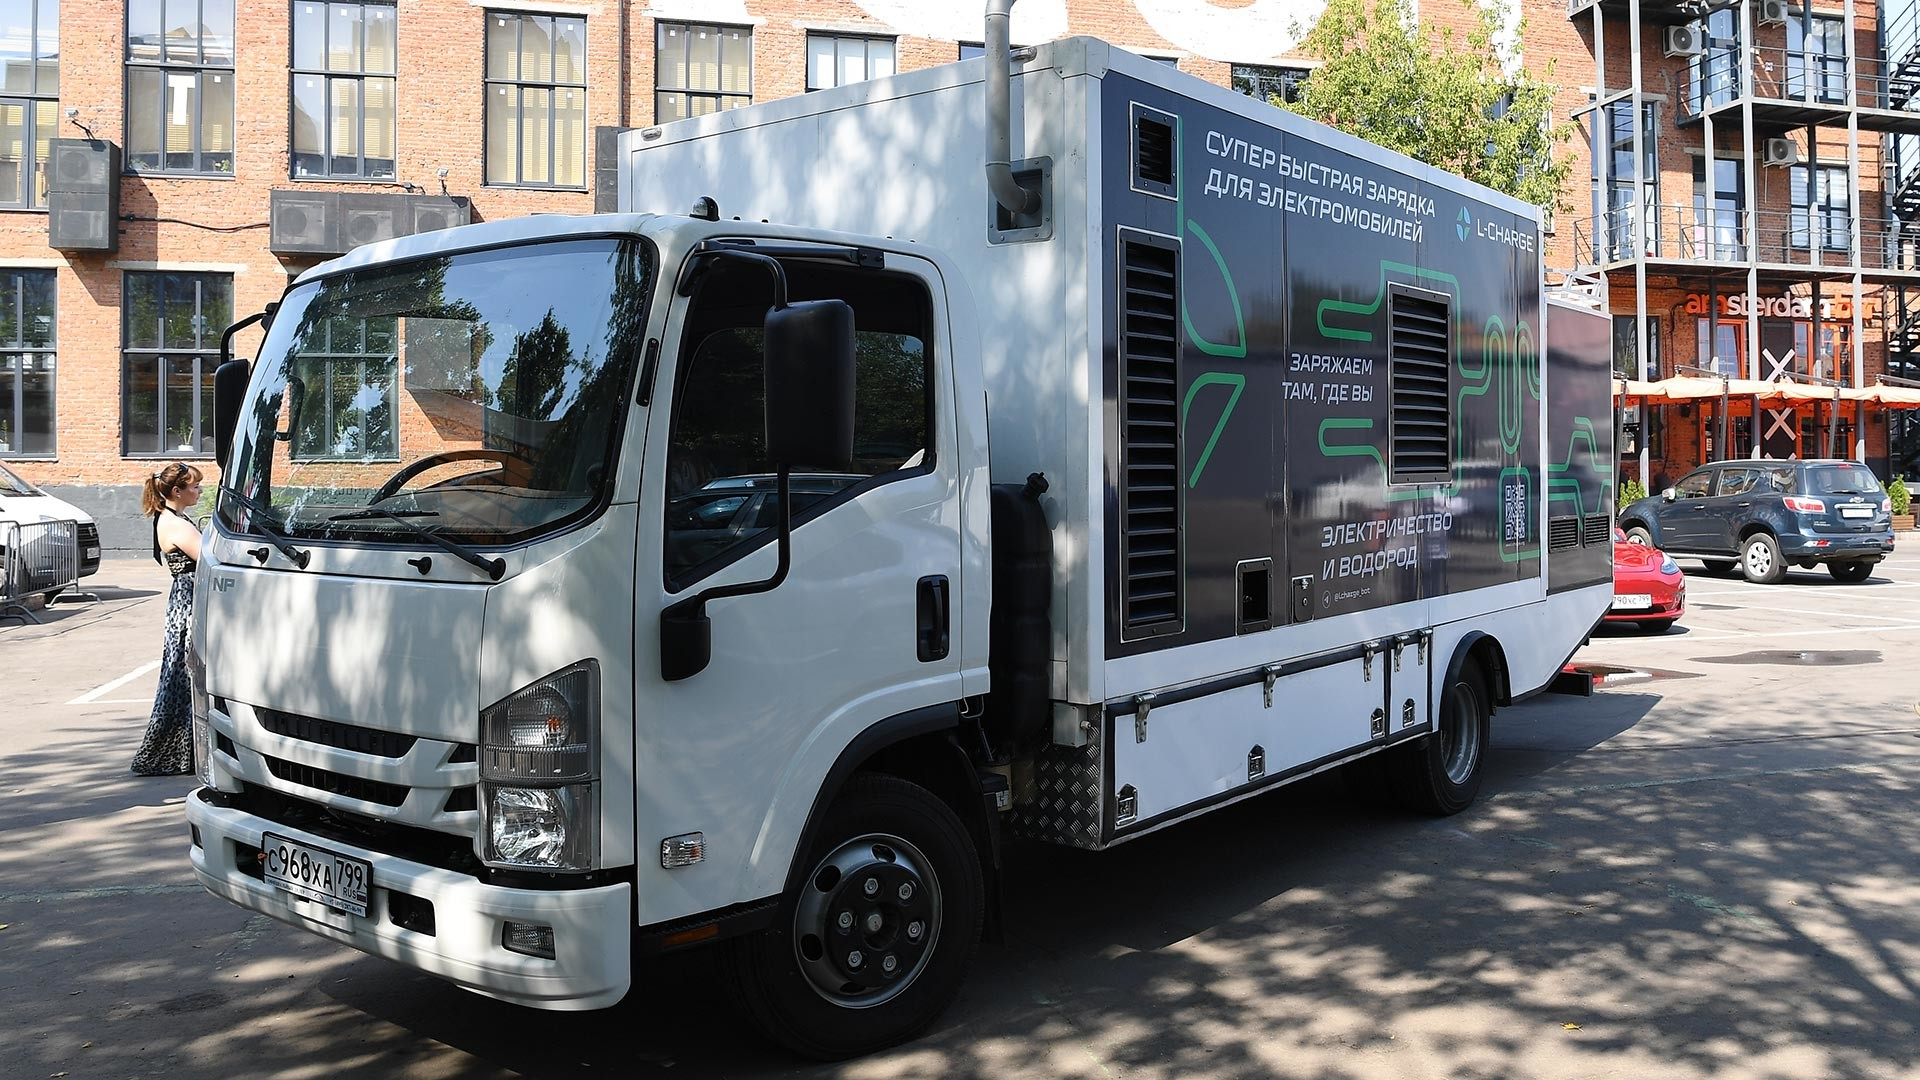 Proizvođač stanica za punjenje vozila na električni pogon L-Charge predstavio je mobilni punjač elektromobila koji radi na principu taksija, tj. može se pozvati u bilo koji dio Moskve.